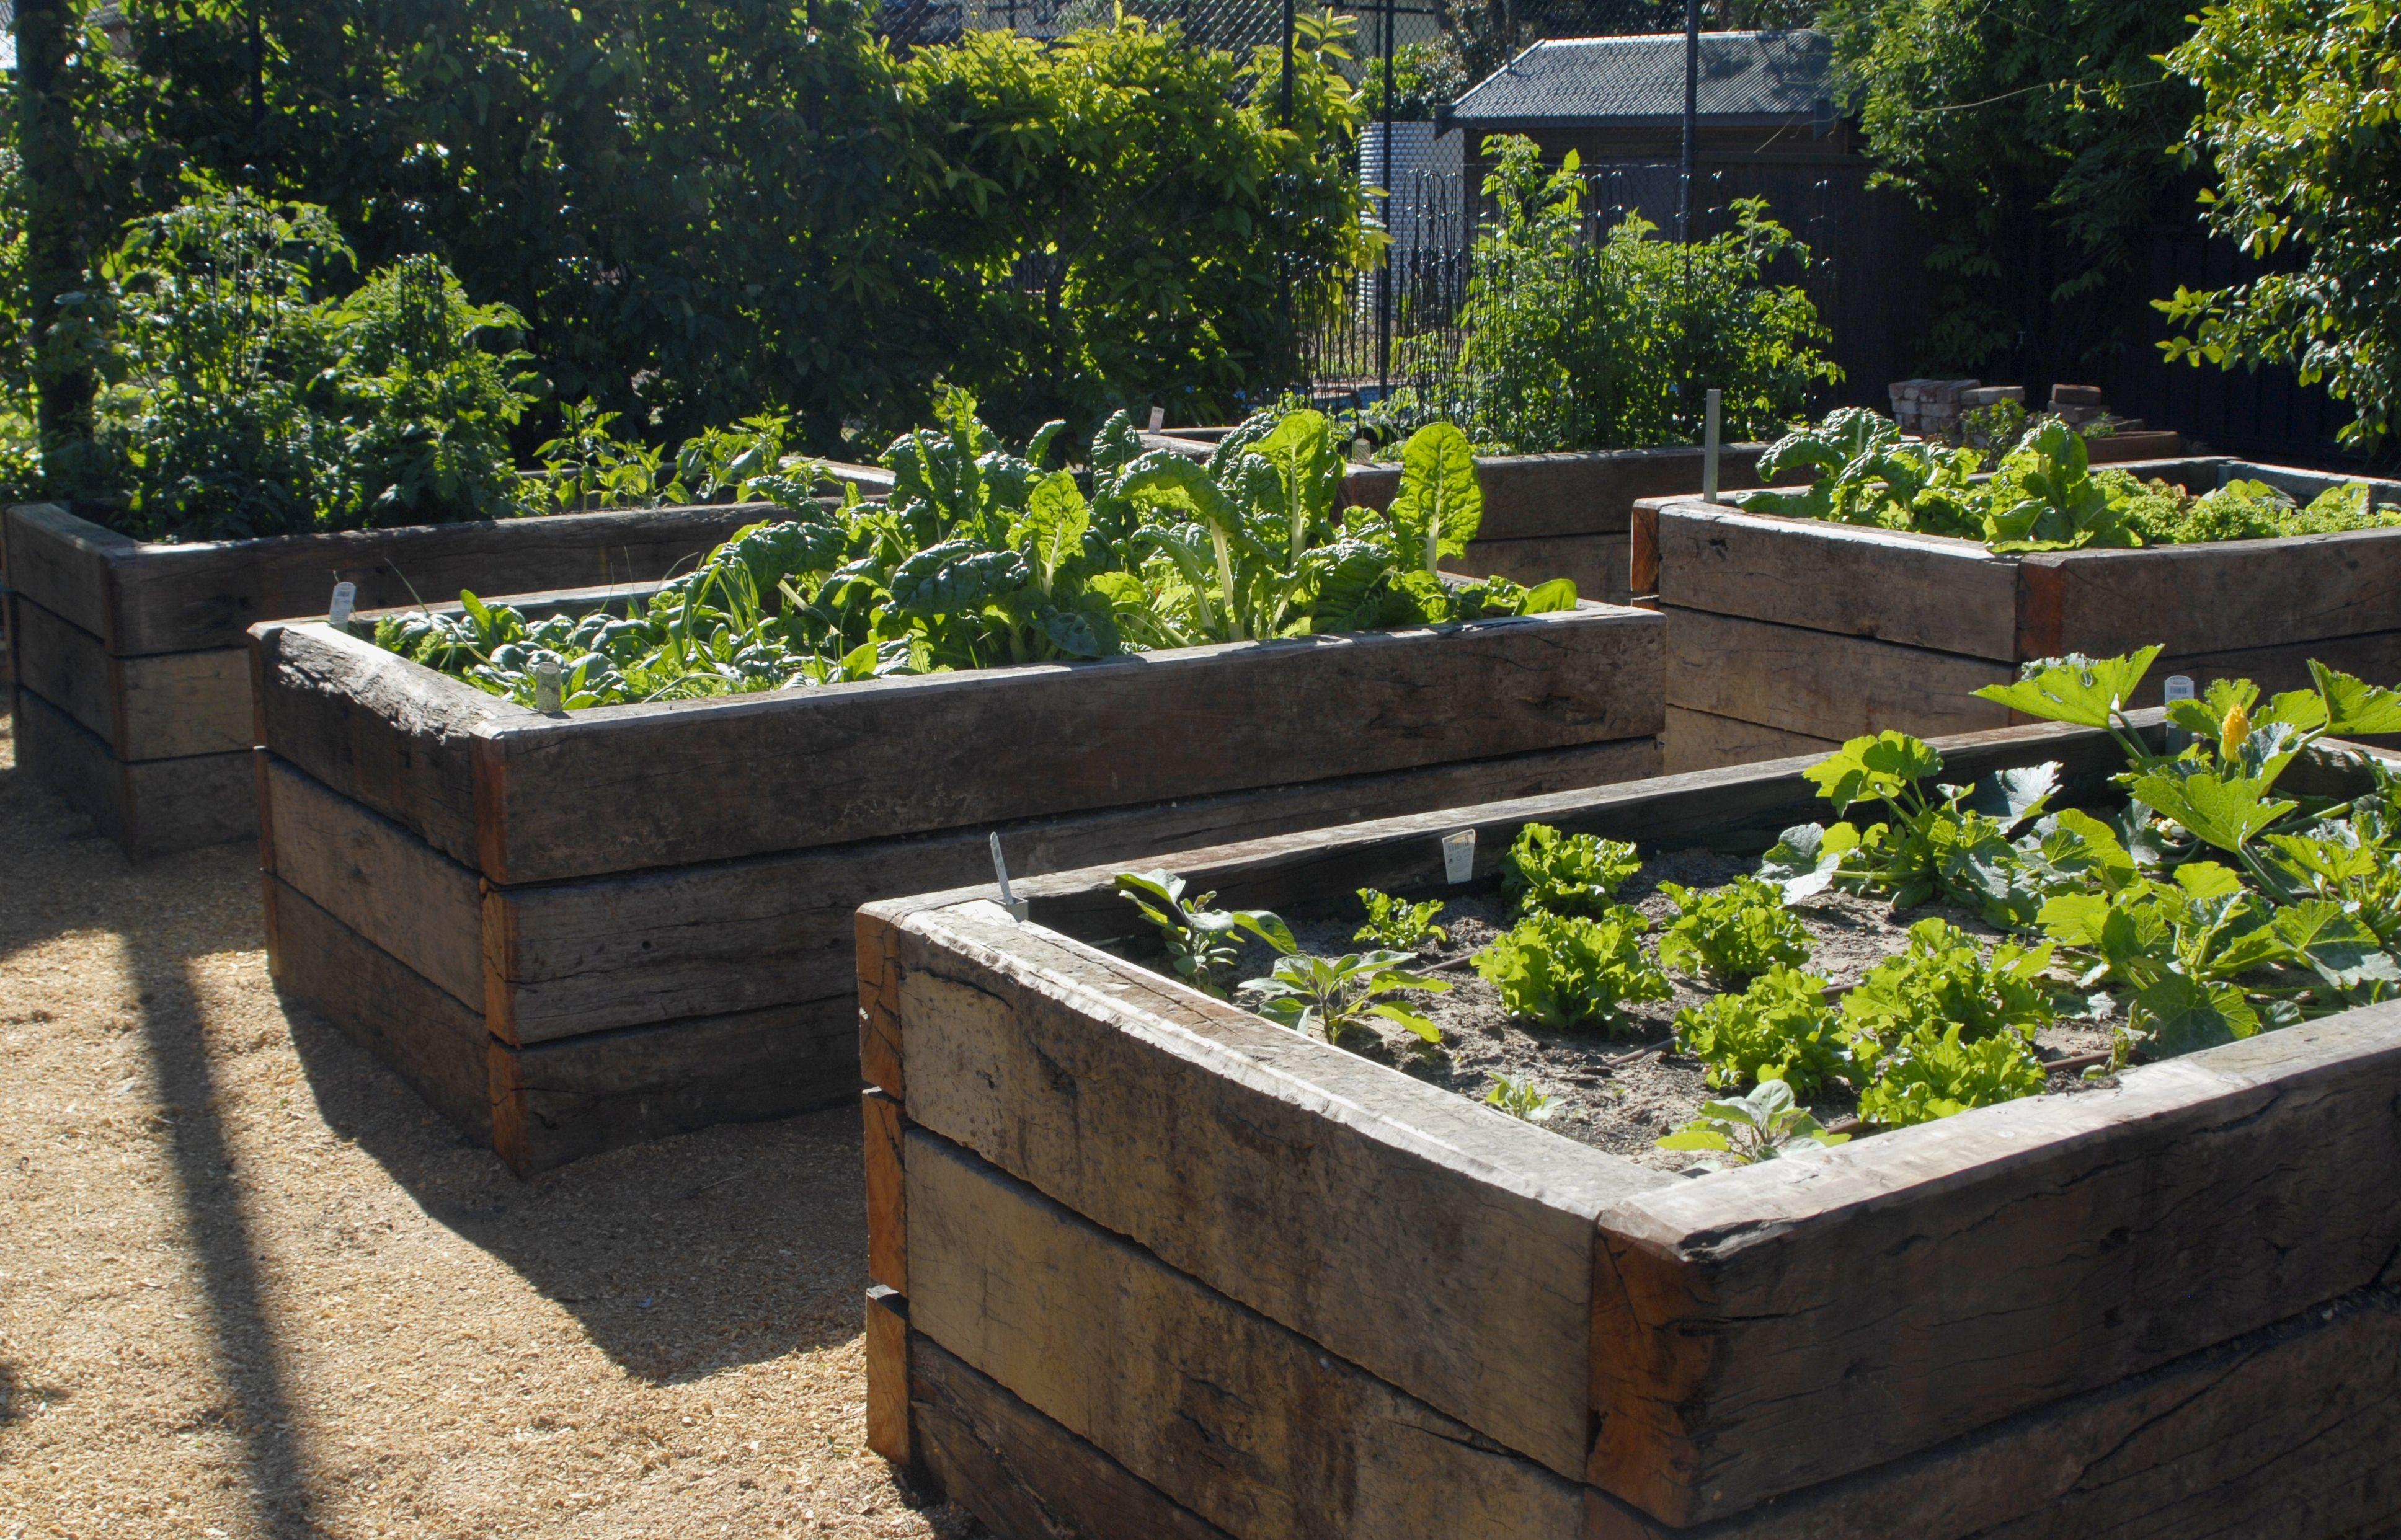 Unley Park Garden Design Lydie Paton Raised Garden Beds Veggie